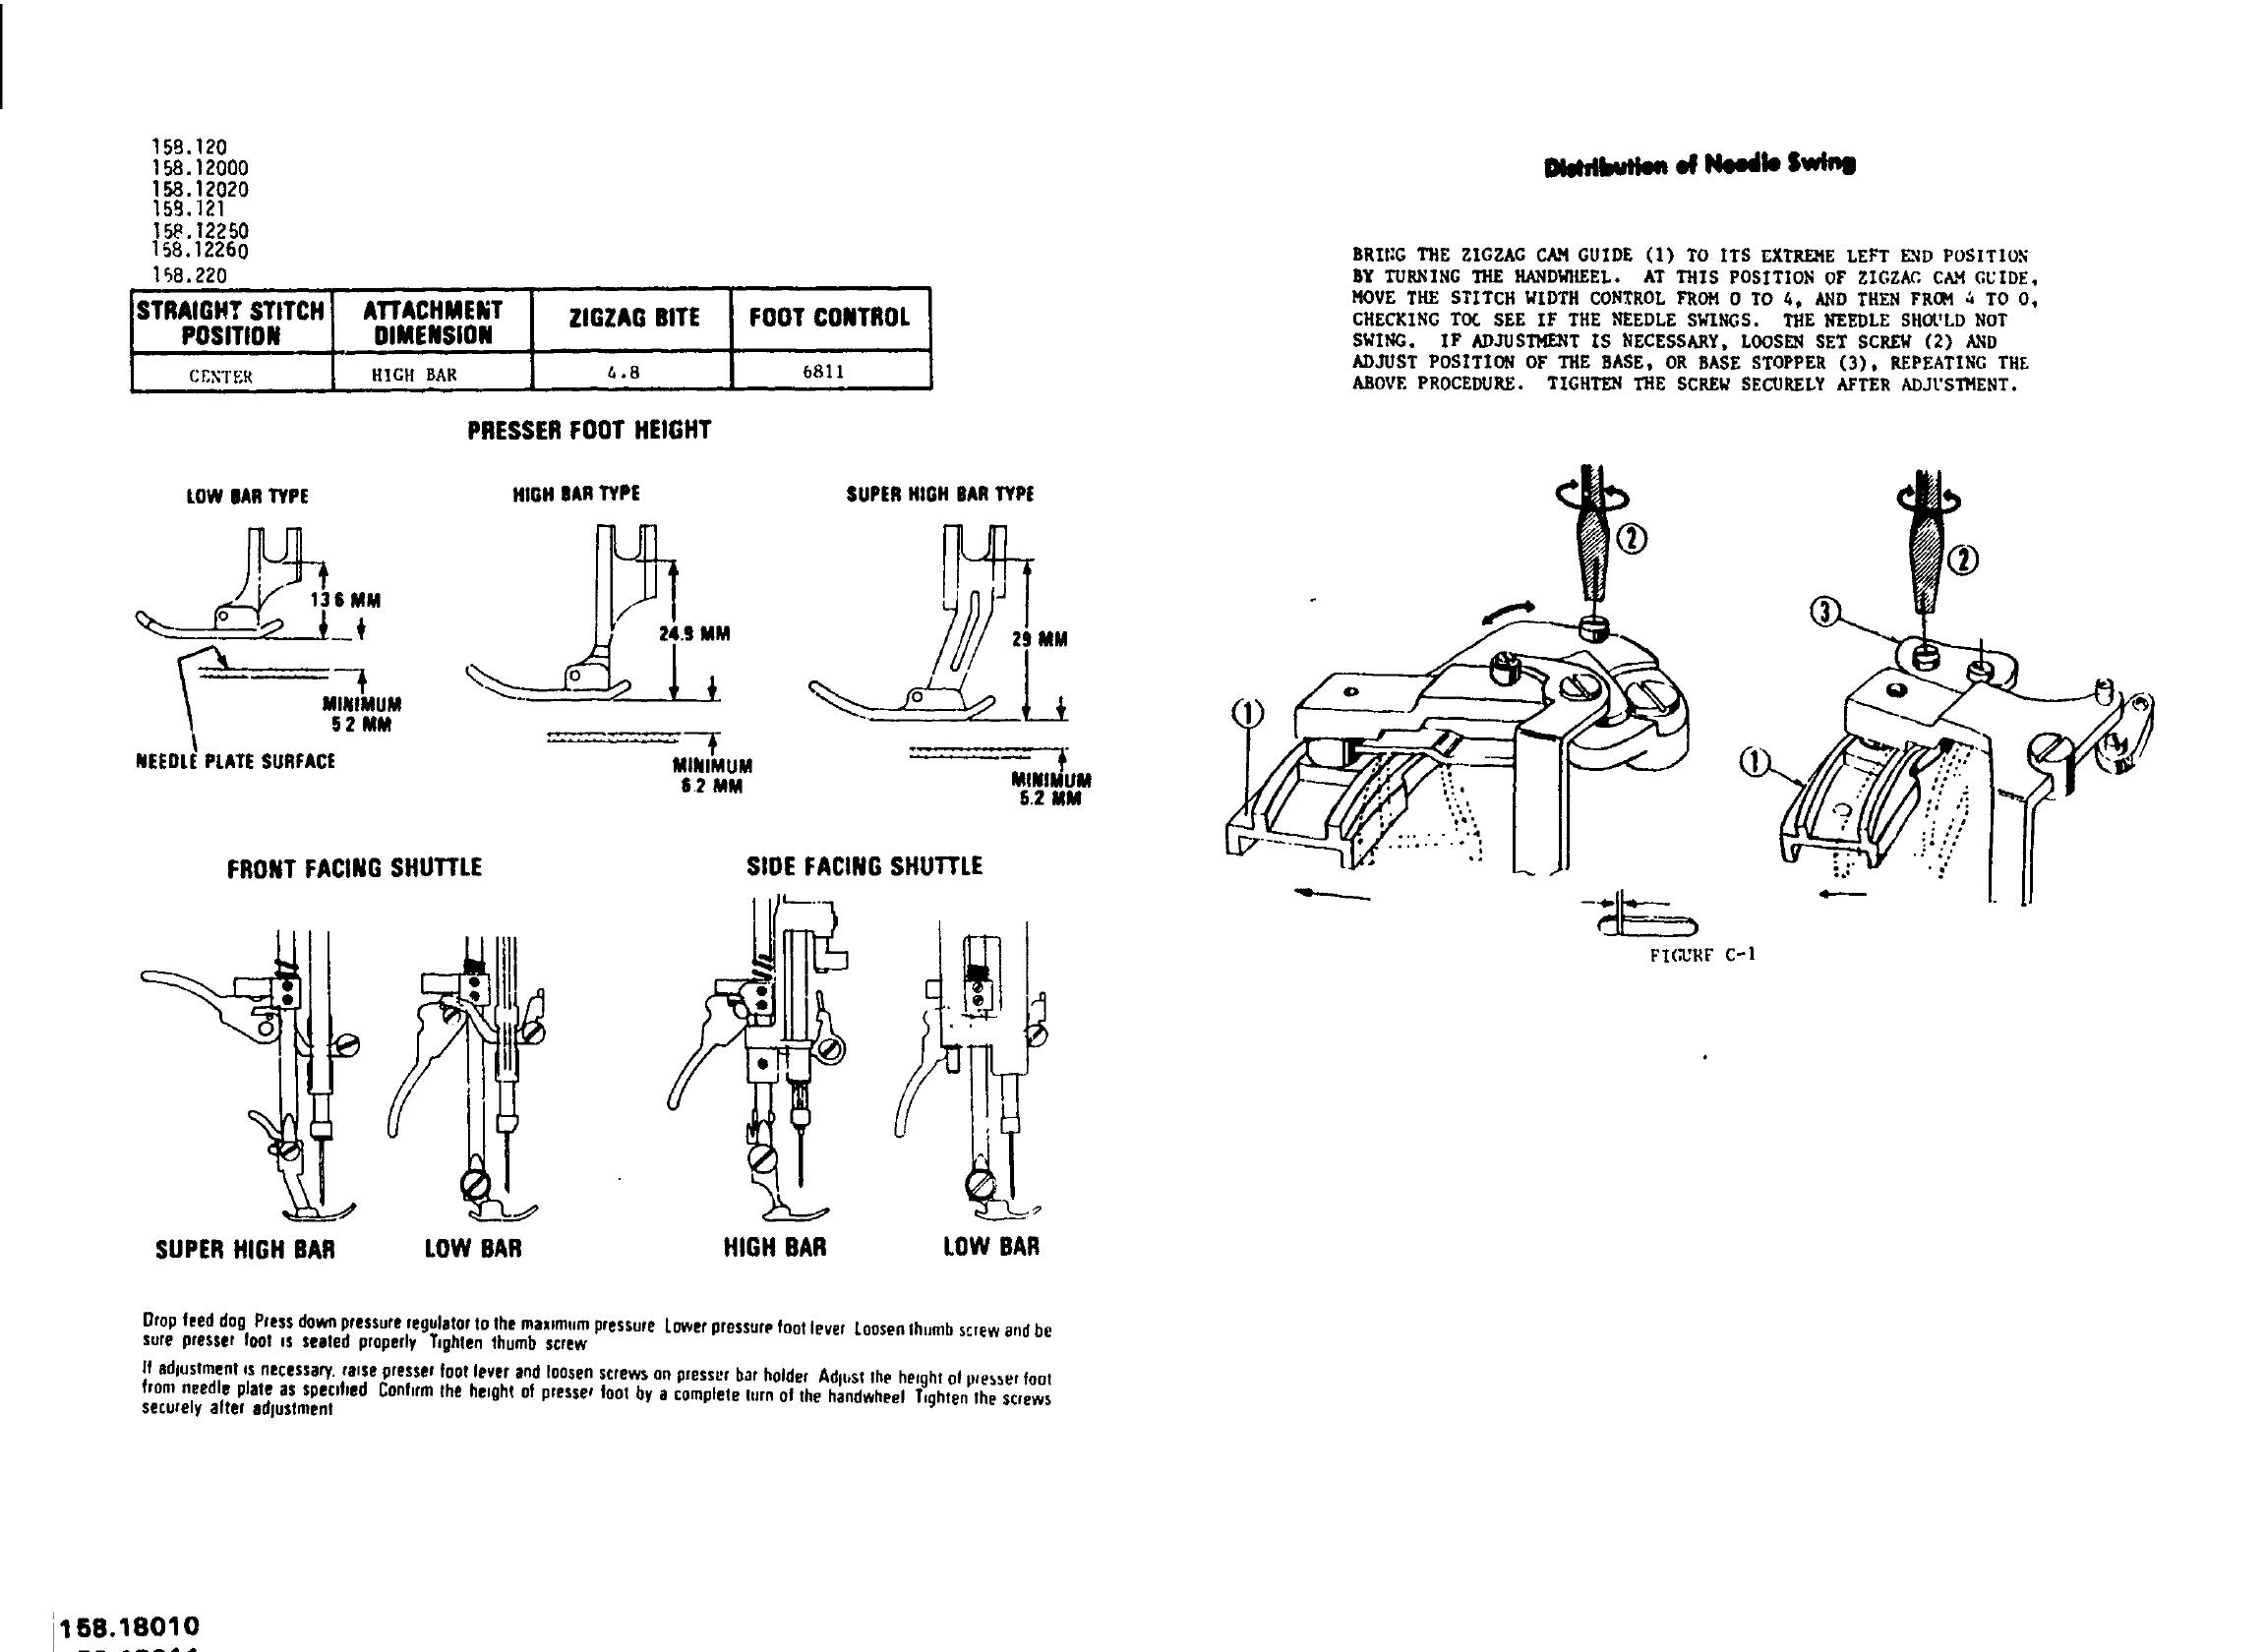 Engineers Head Manual Guide